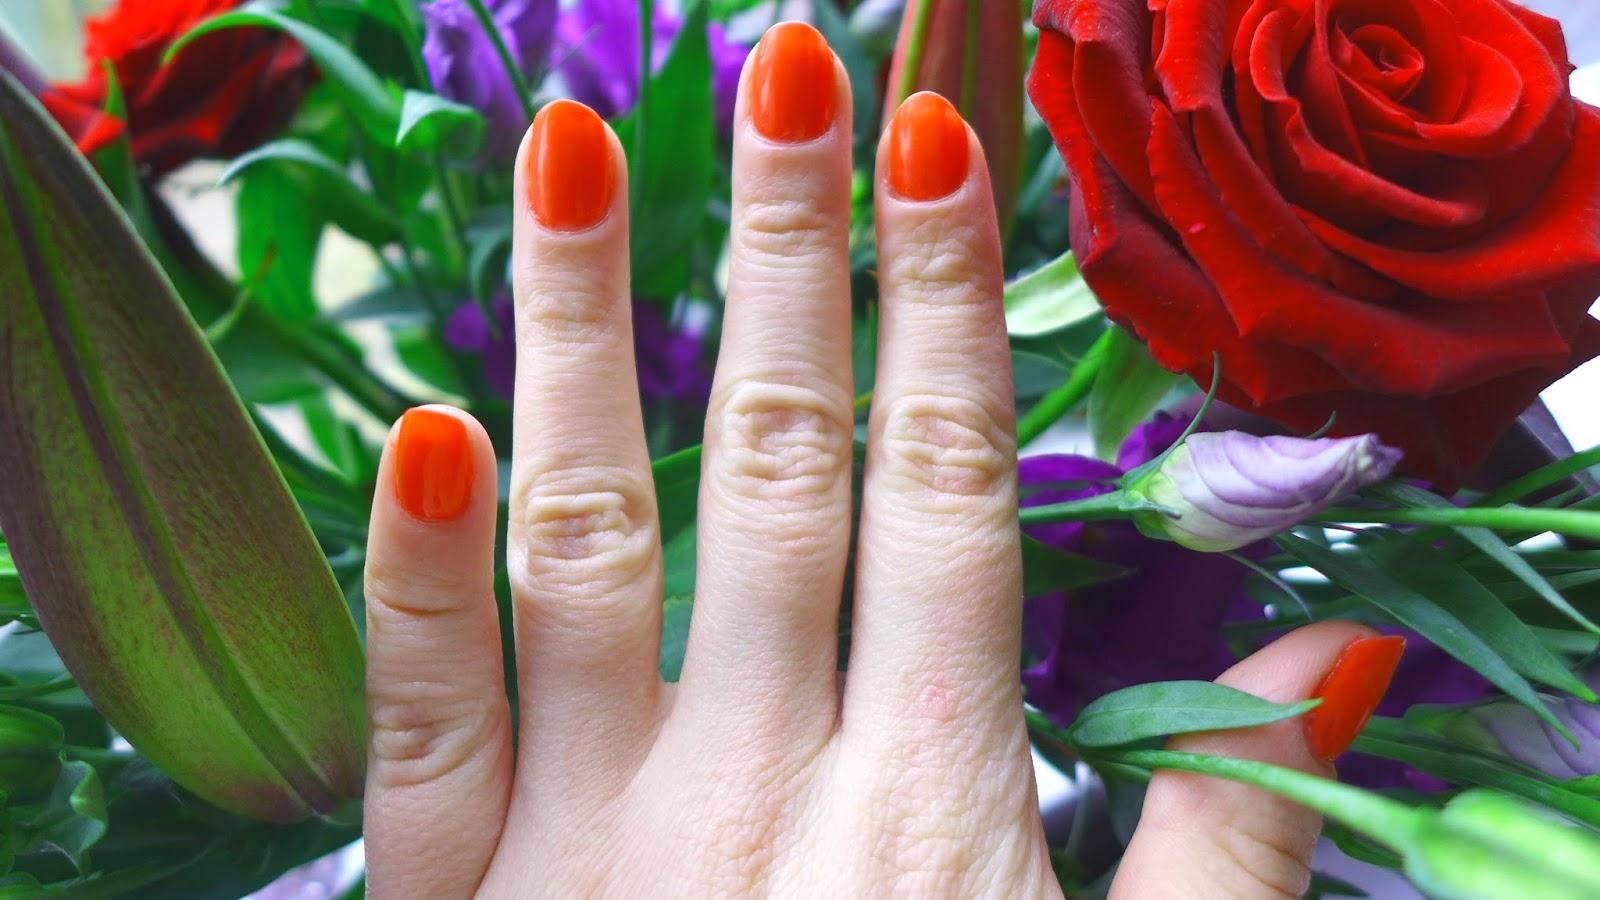 Fuse nails